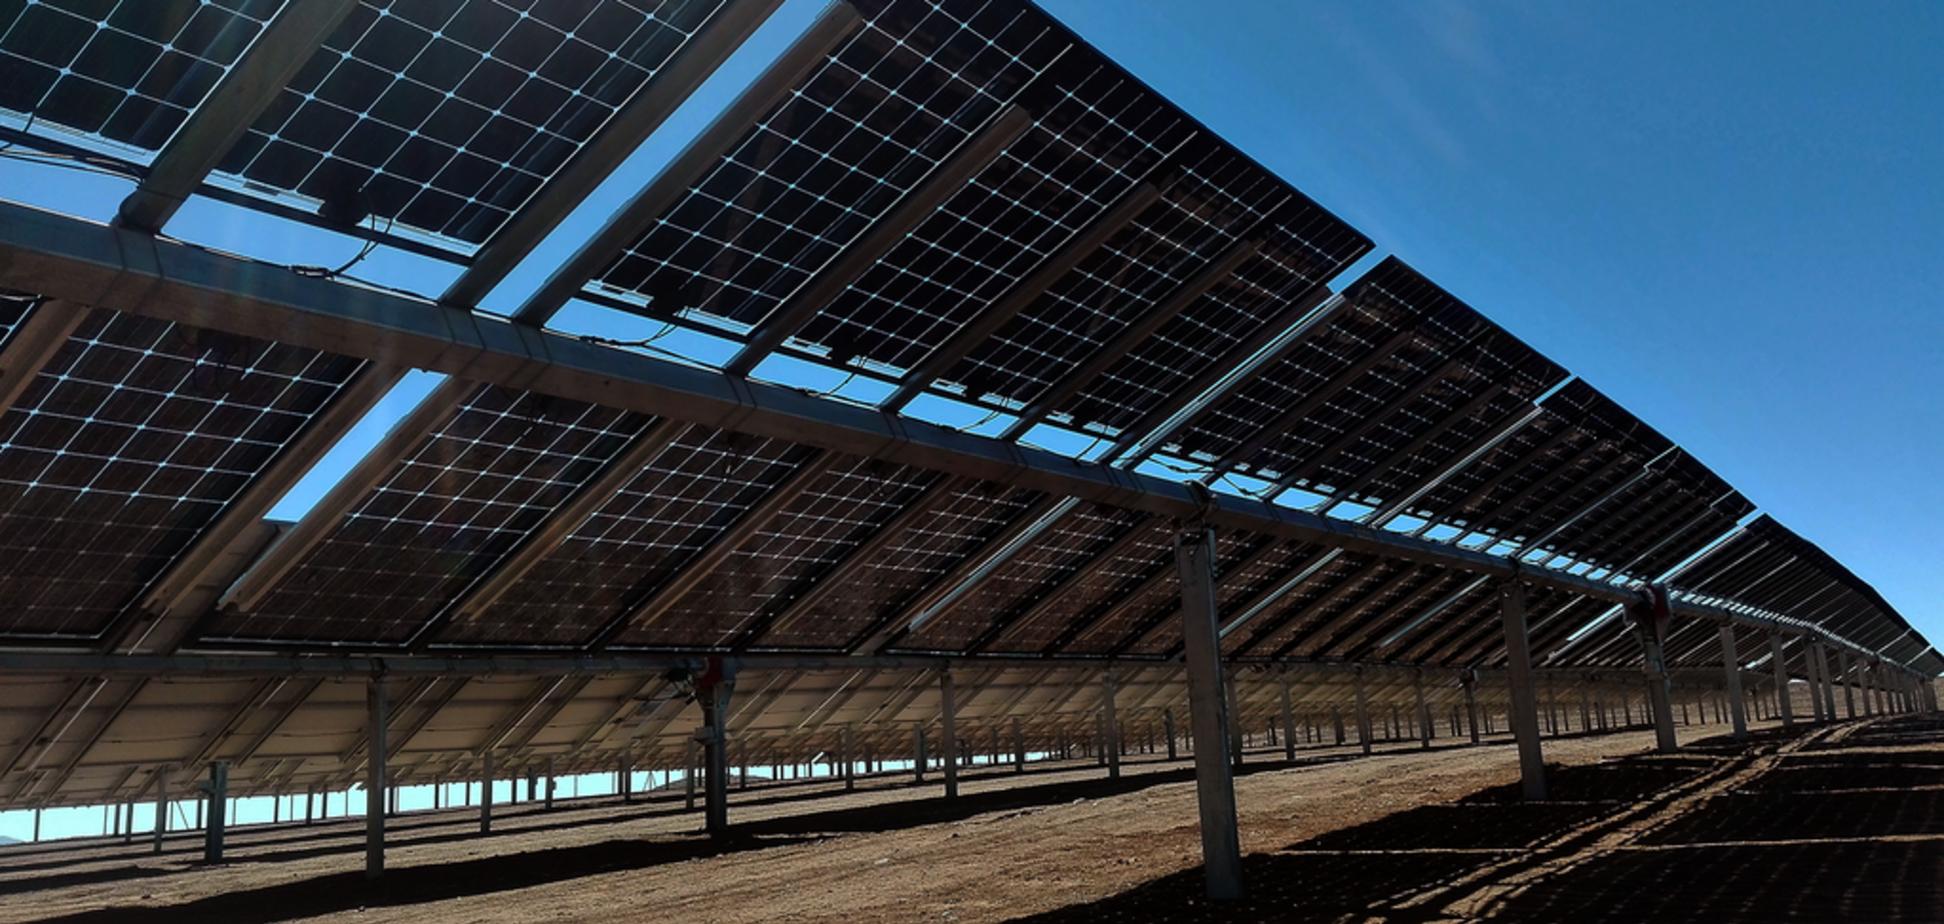 Прорив у енергетиці? Вчені розповіли про можливості сонячних панелей нового типу